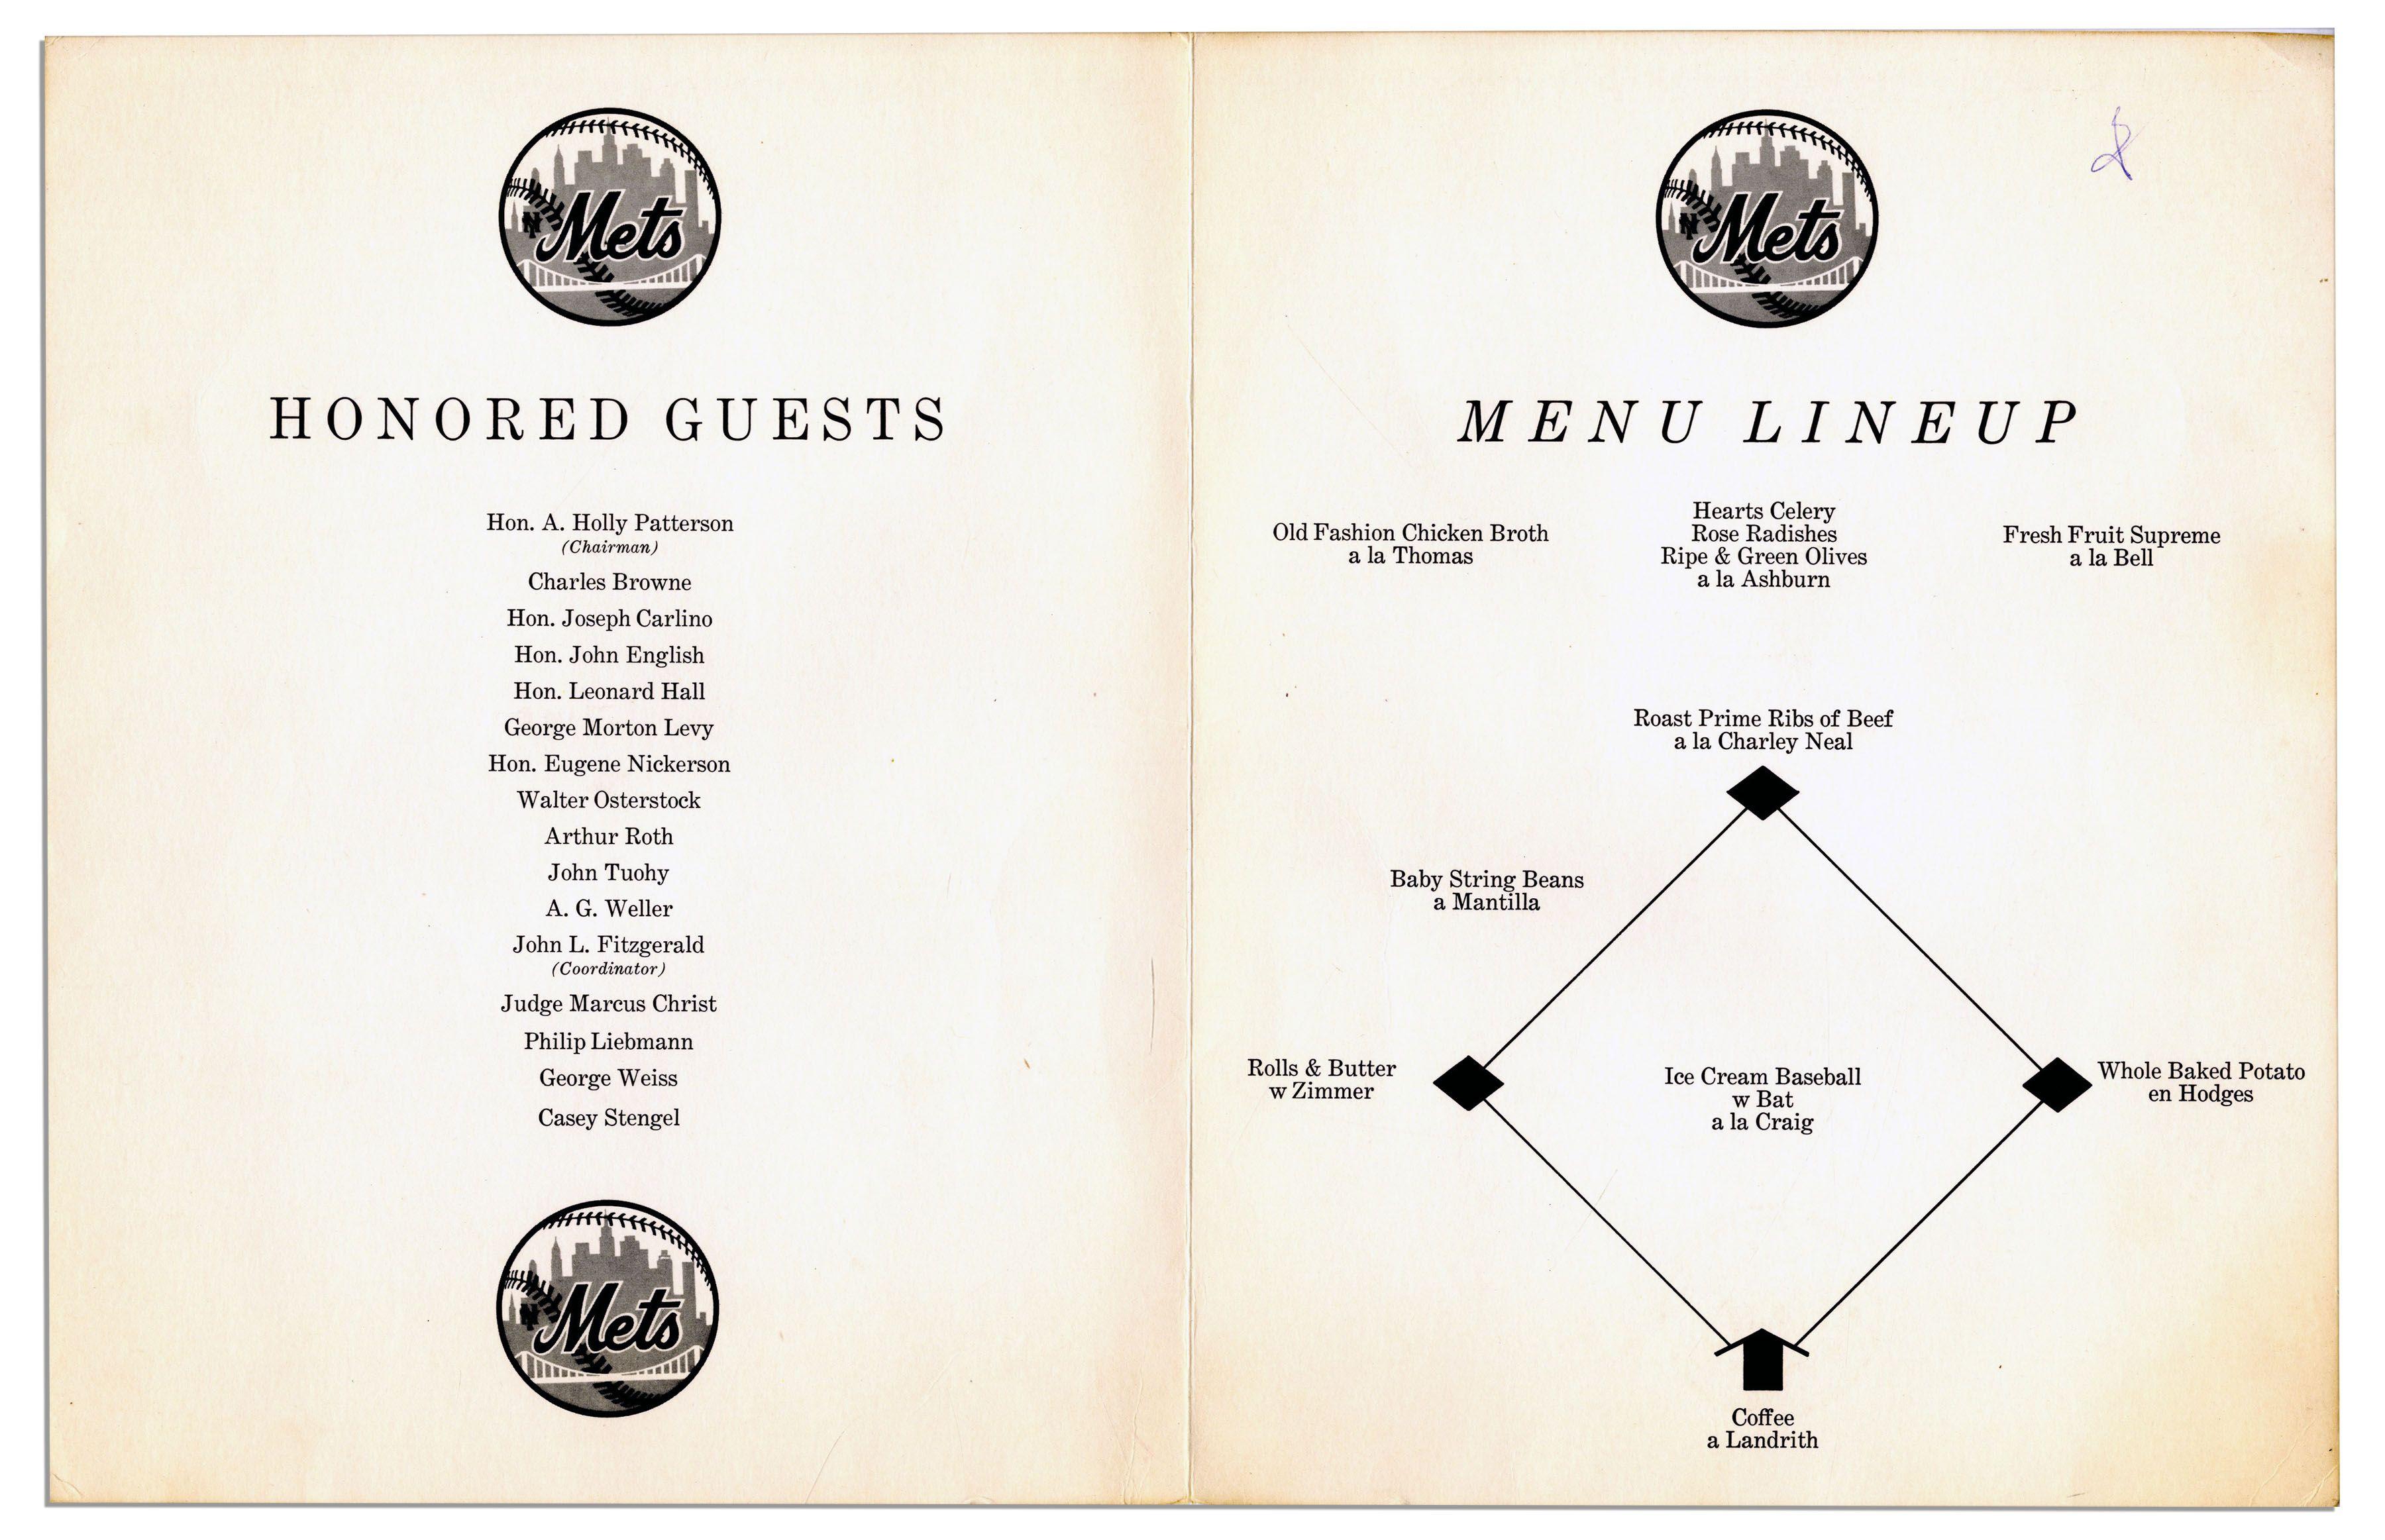 Dinner Program Mets 1962 Dinner Program